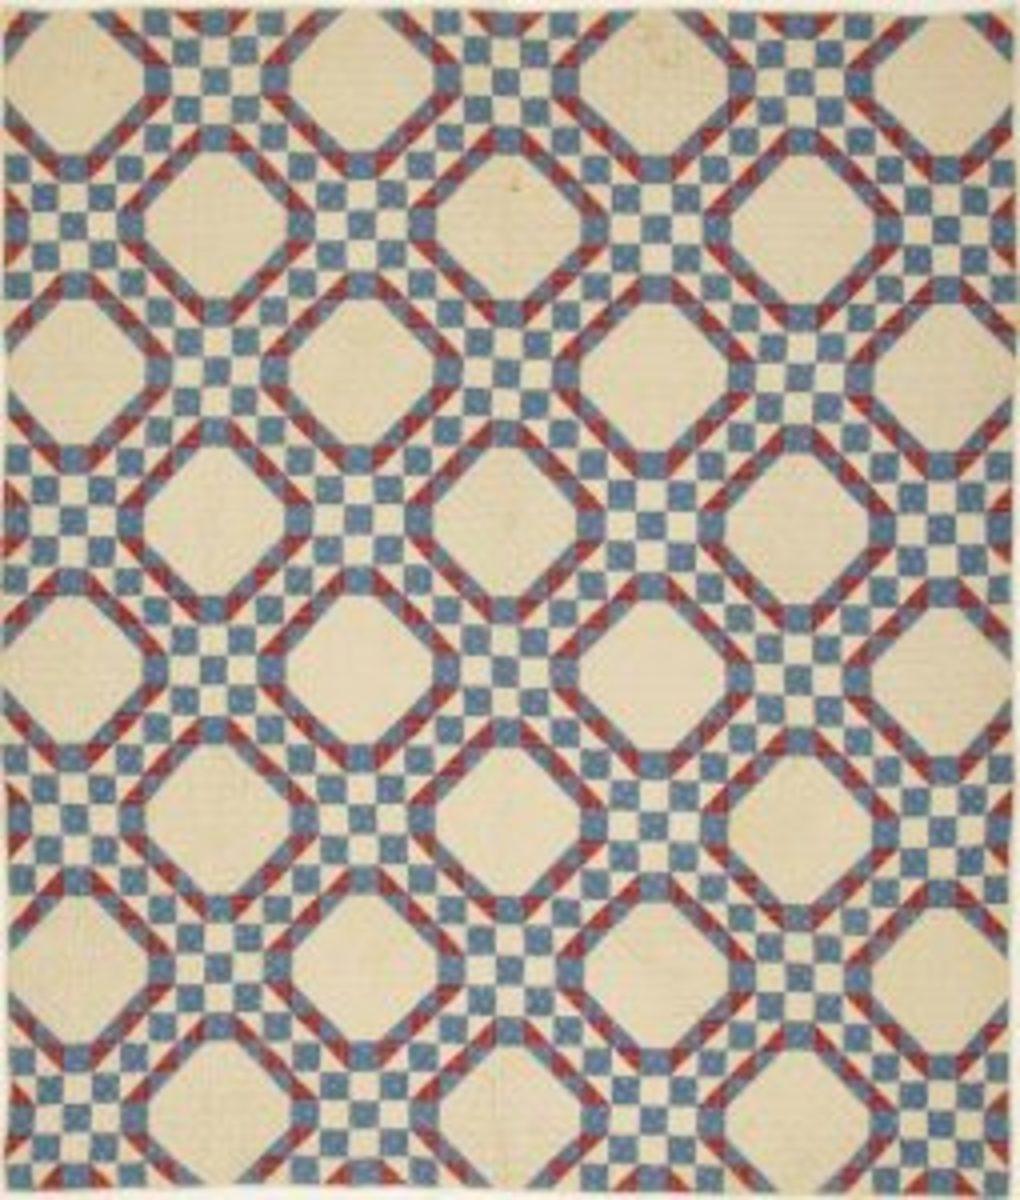 Love Chain quilt